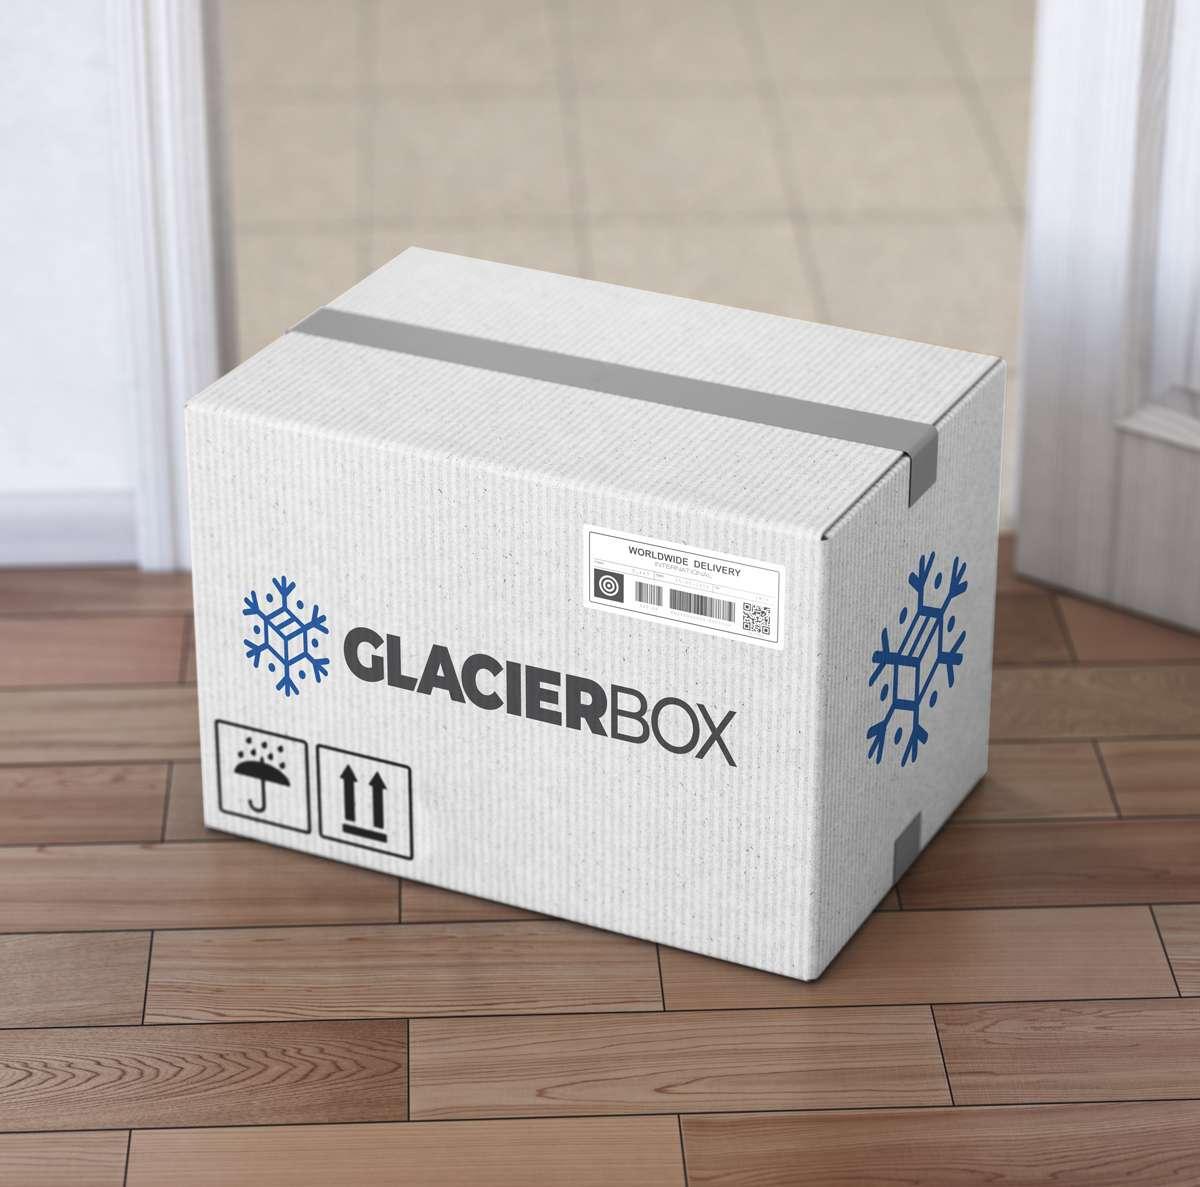 GlacierBox Delivers